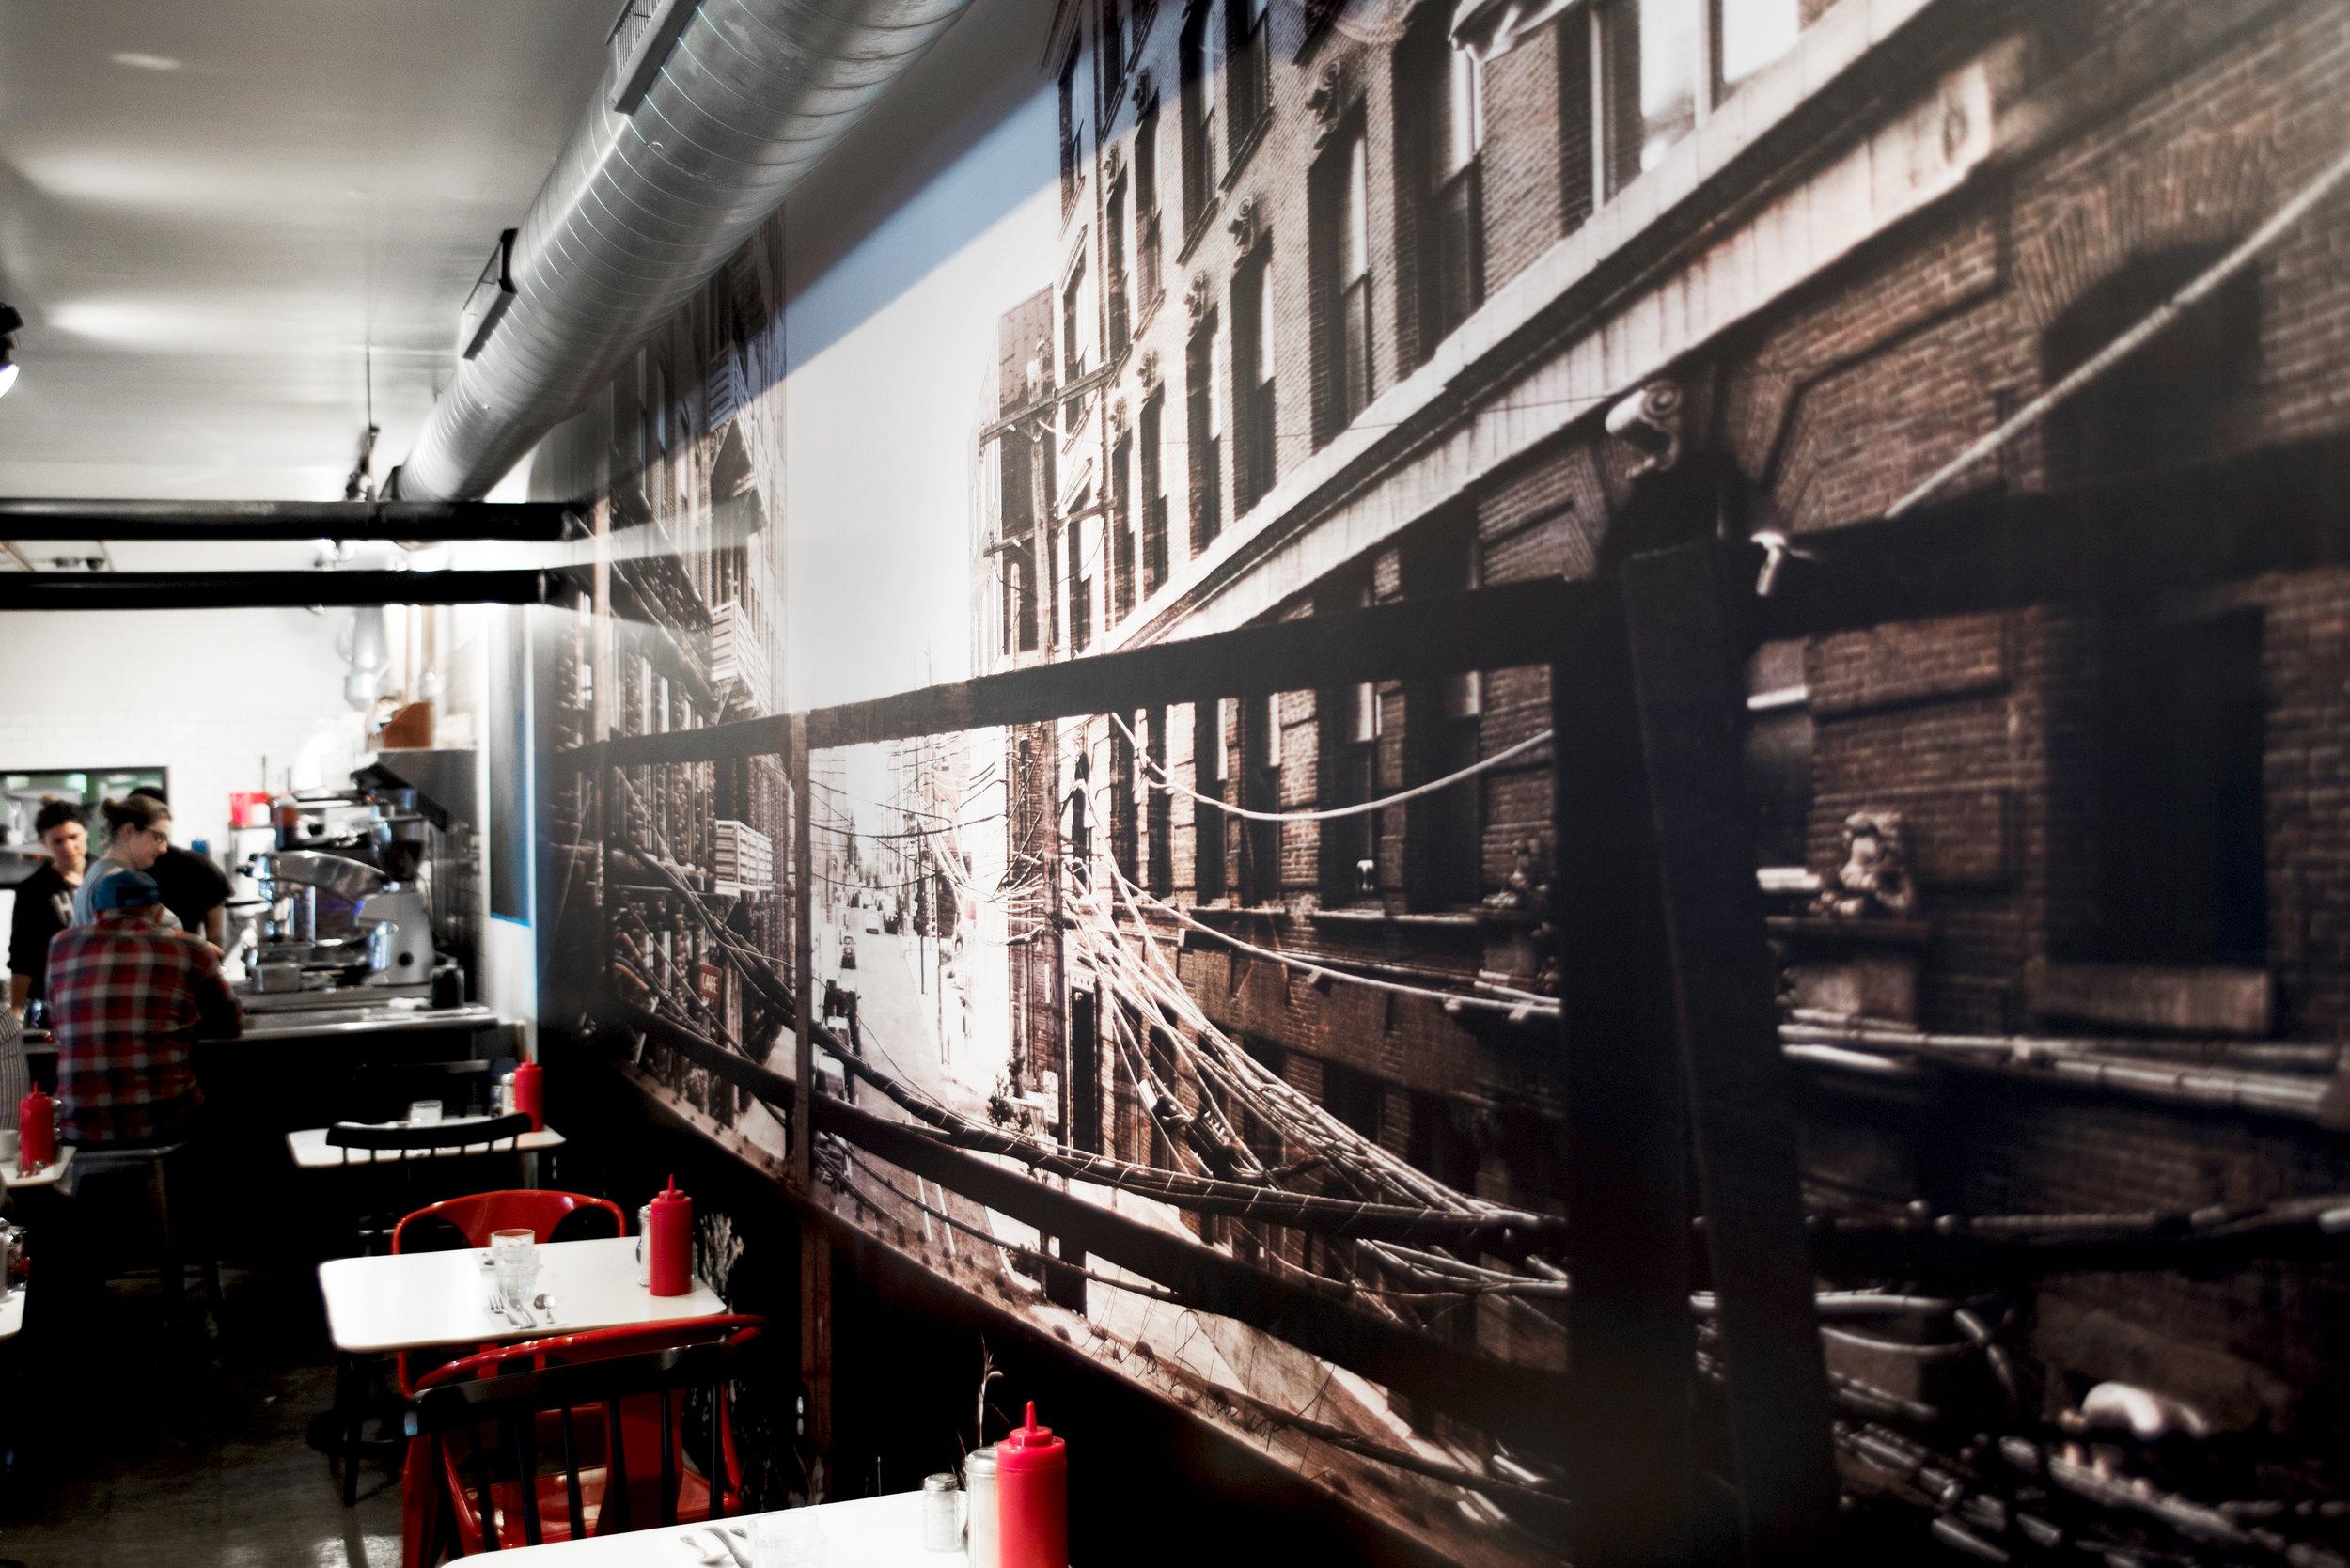 Detail of custom photo-based wallpaper for  Cafe Lift  in Philadelphia.